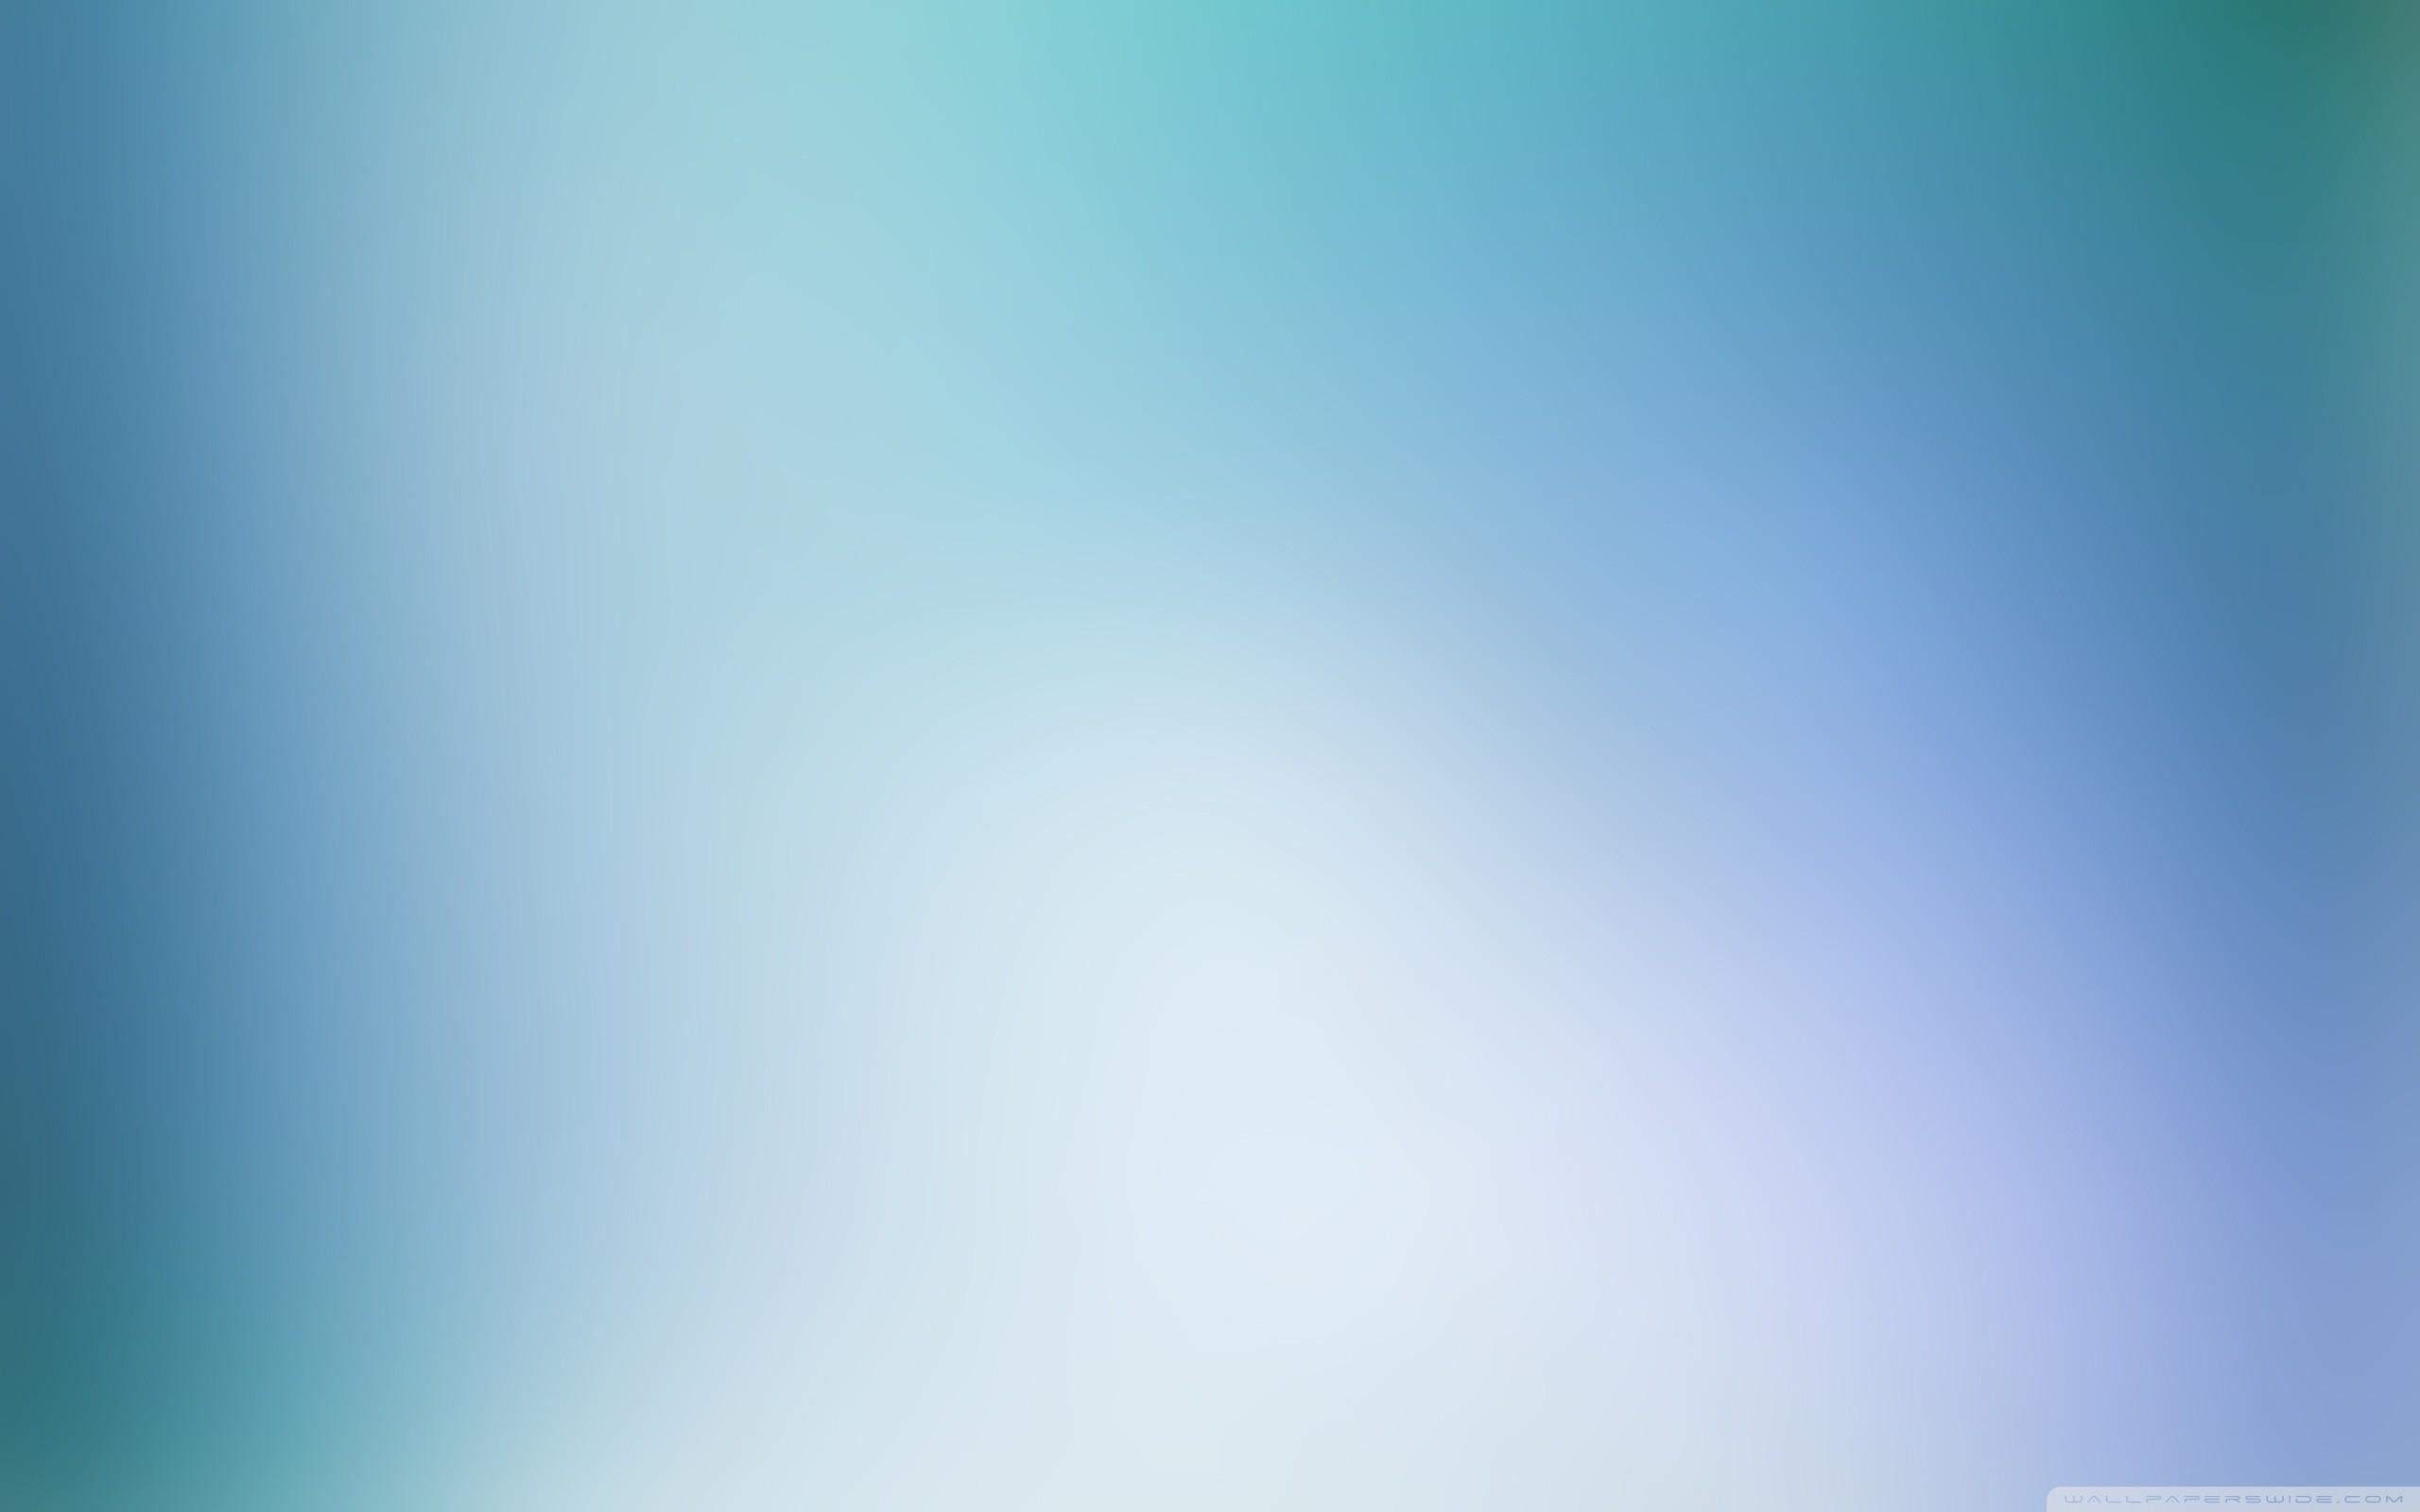 … cosmic calm hd desktop wallpaper high definition fullscreen …